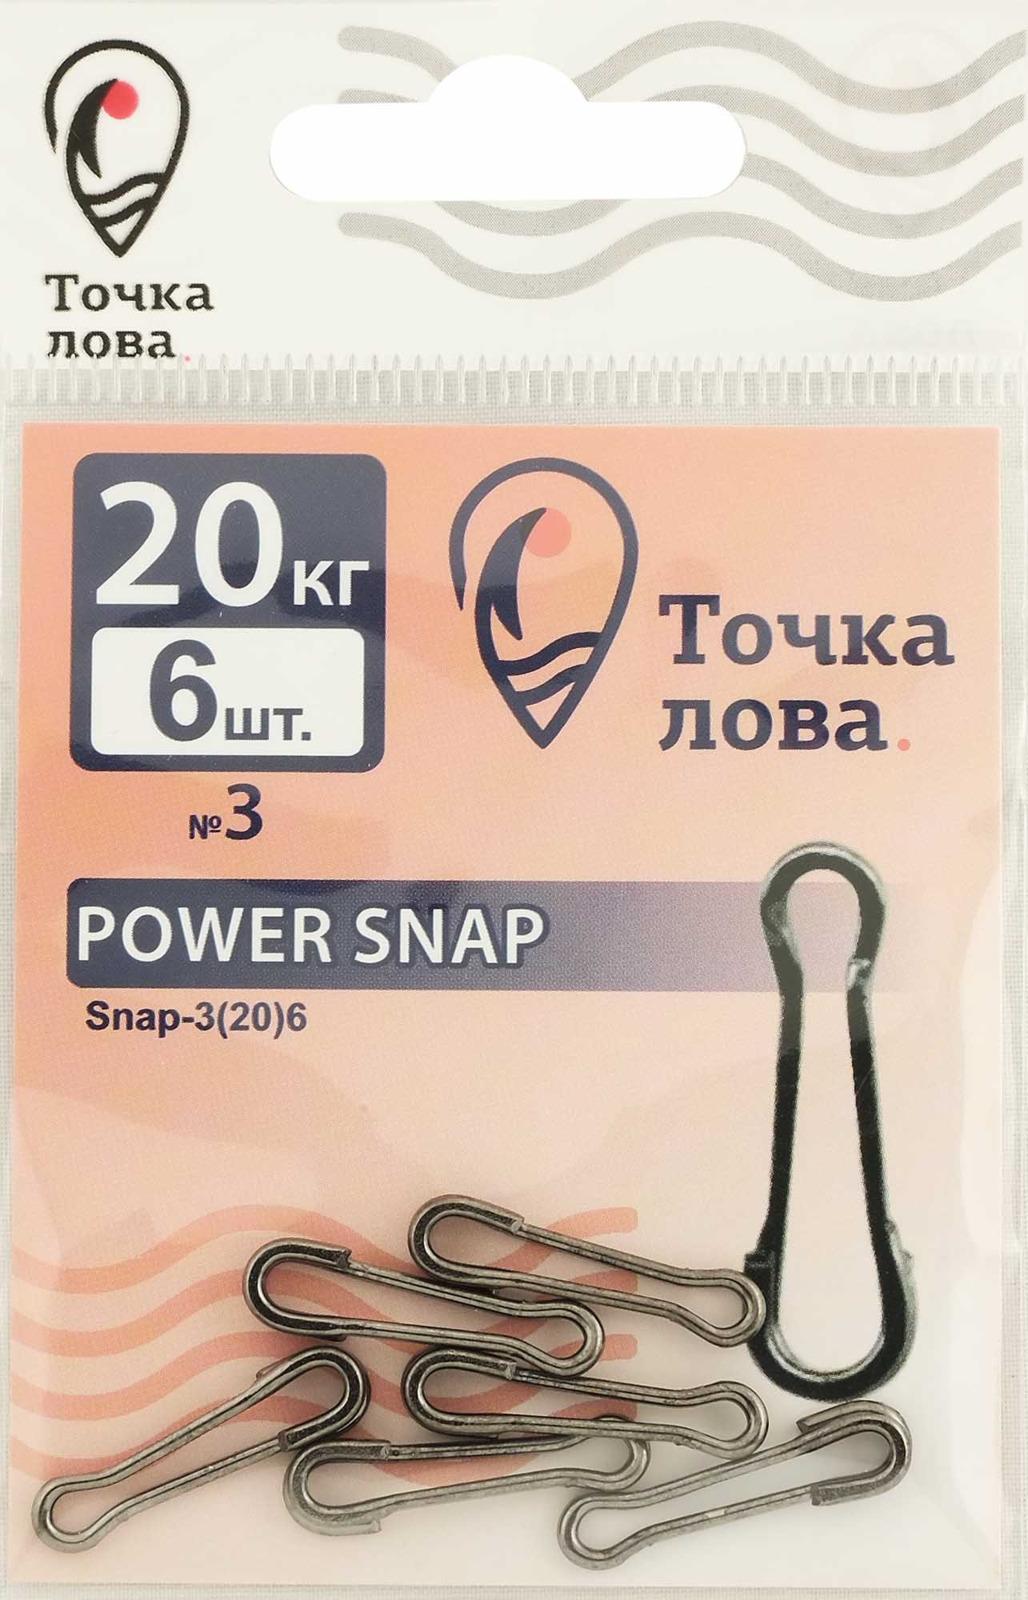 Аксессуар для рыбалки Точка Лова Застежка, силовая, Snap-3(20), 6 шт